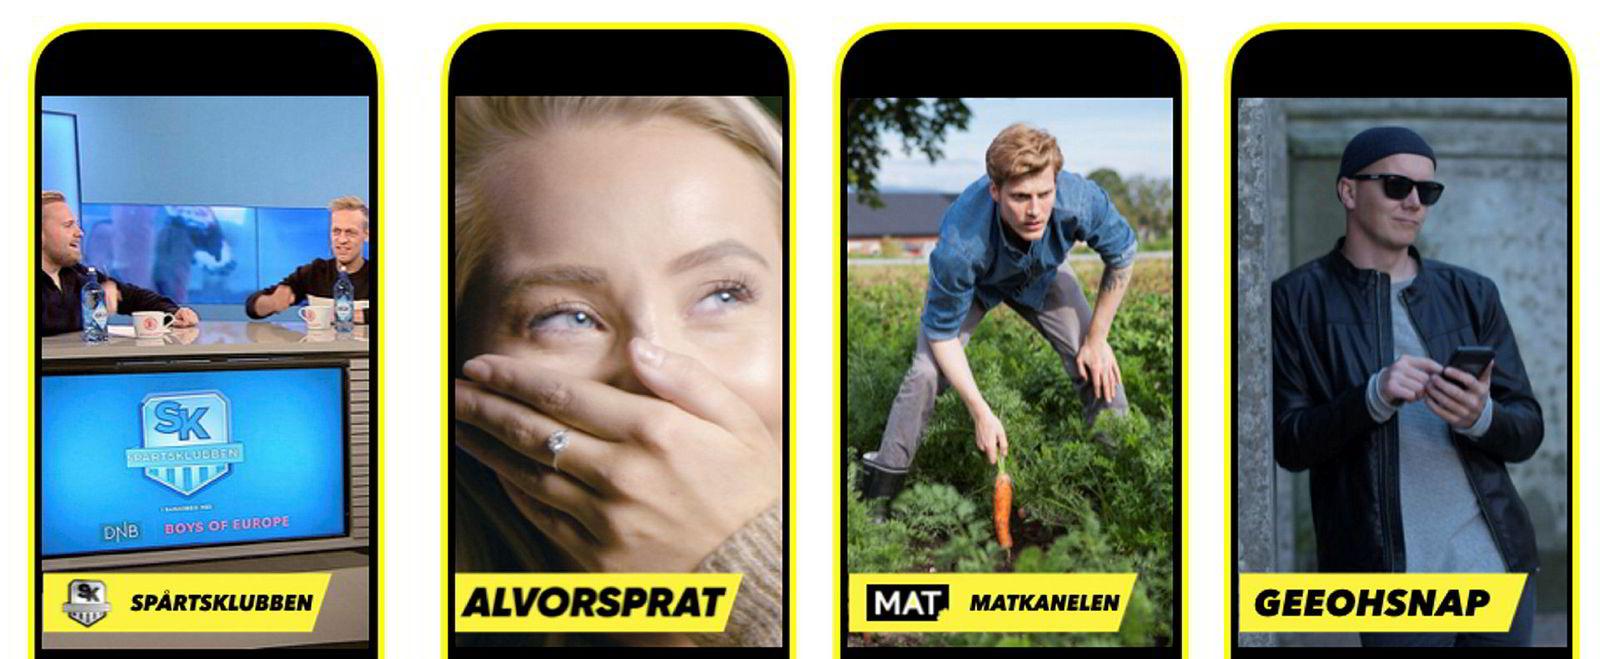 «Spårtsklubben» (VGTV), «Alvorsprat» (Splay), Matkanalen og geeohsnap er blant de norske aktørene som er å finne på «Snapchat Shows». De resterende «showene» er «Sportsbibelen» (Media 247 as), «Newton» (NRK) og «NRK Flippklipp» (NRK).